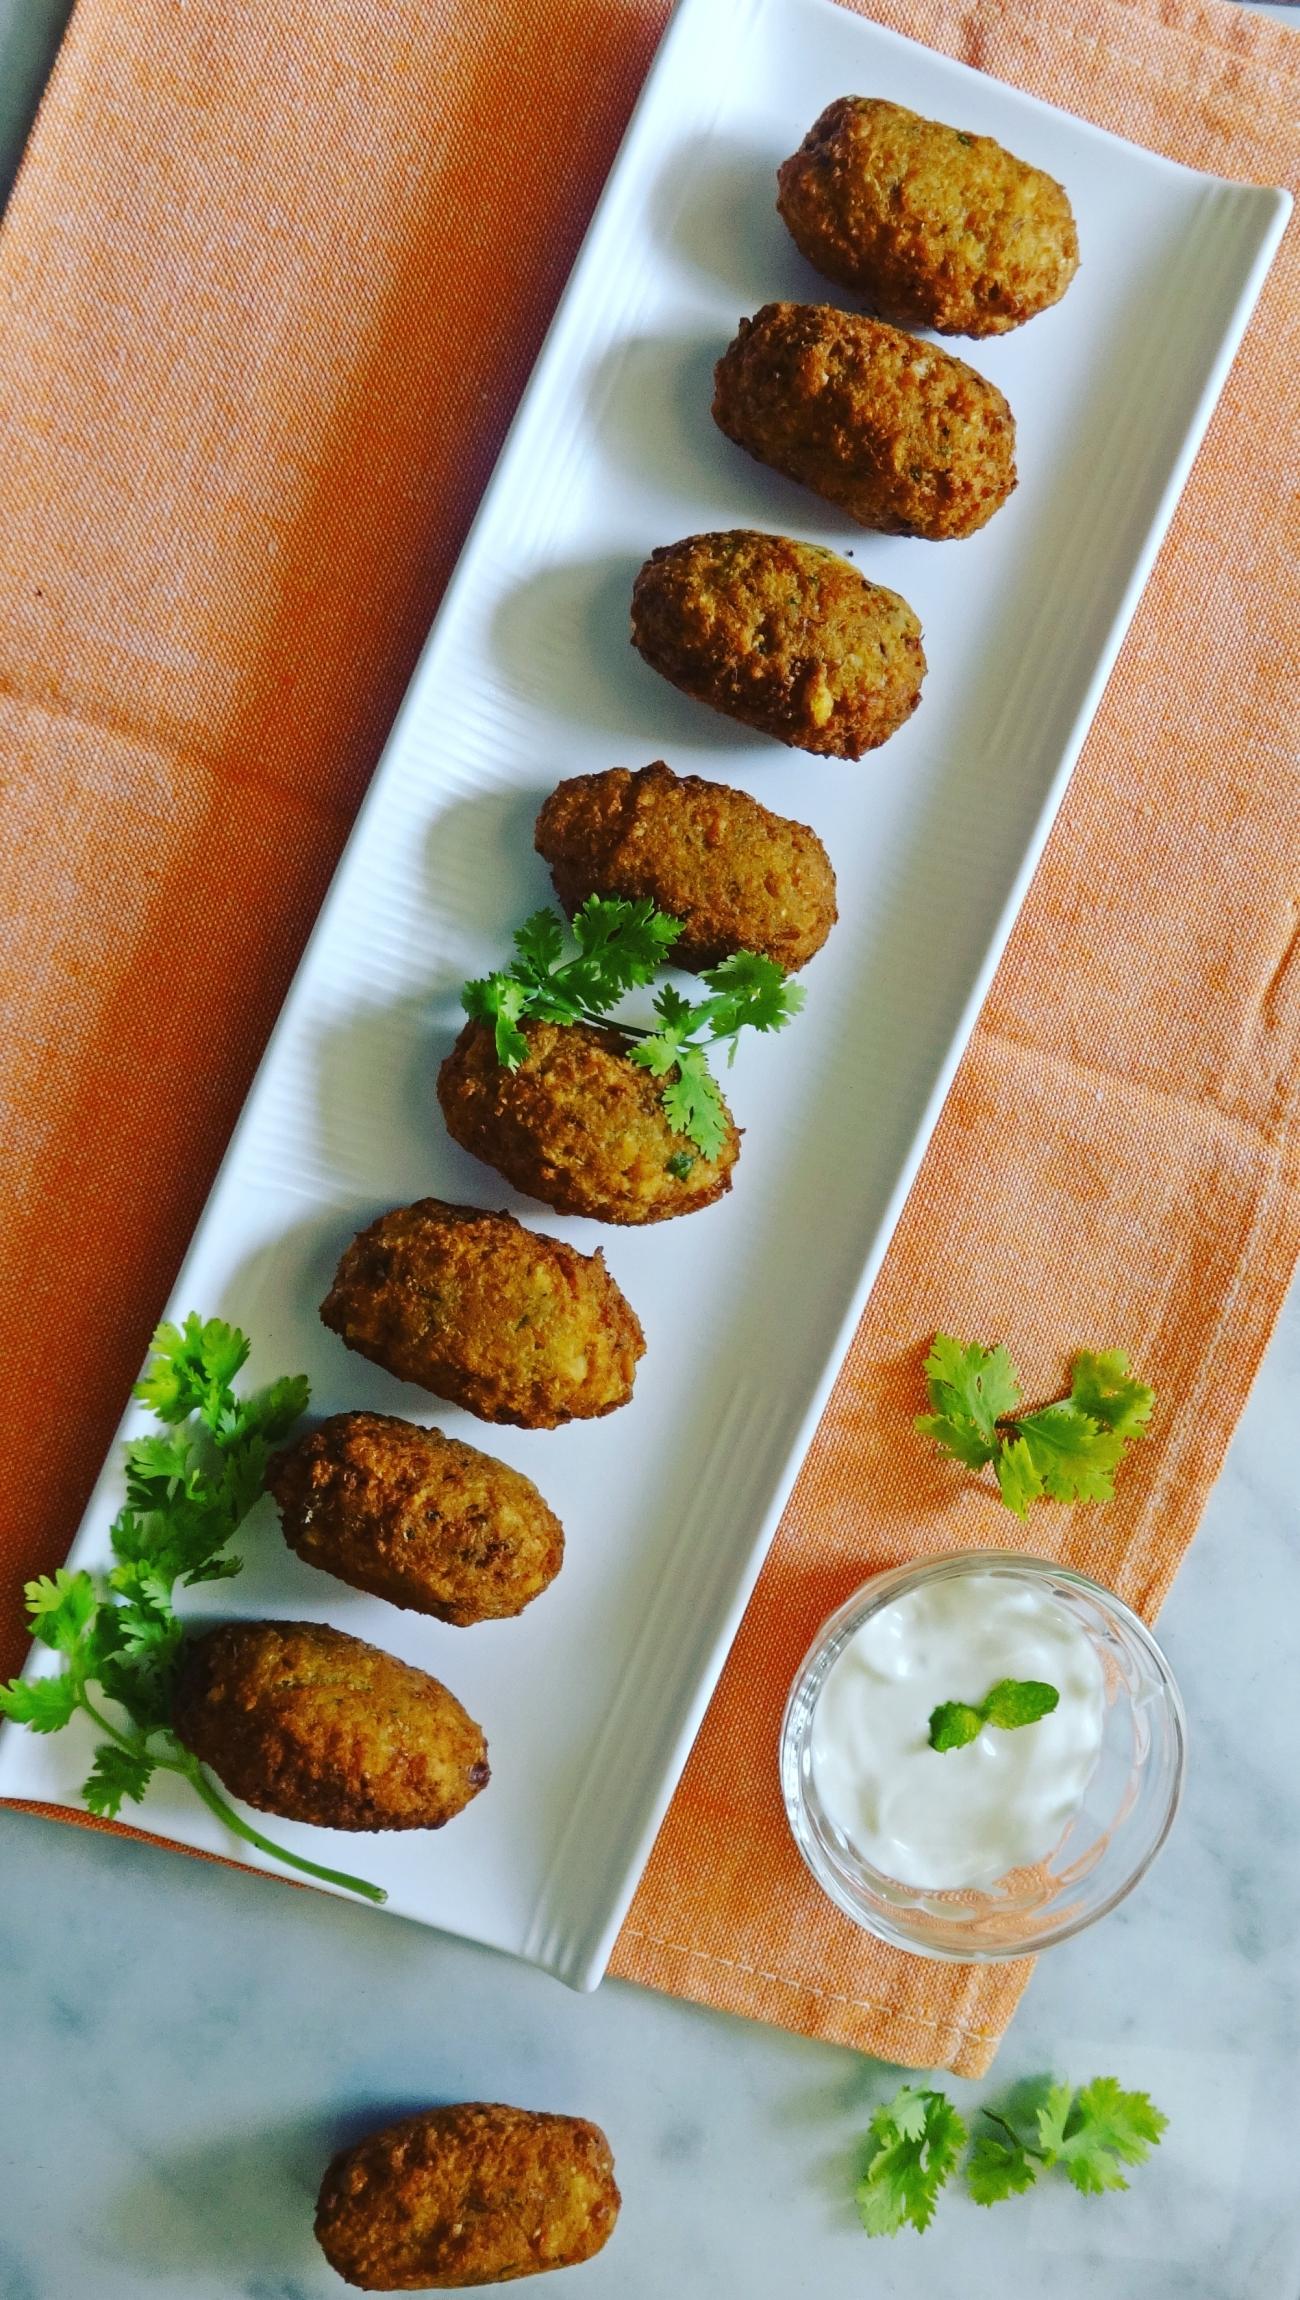 Chickpeas Falafel recipe